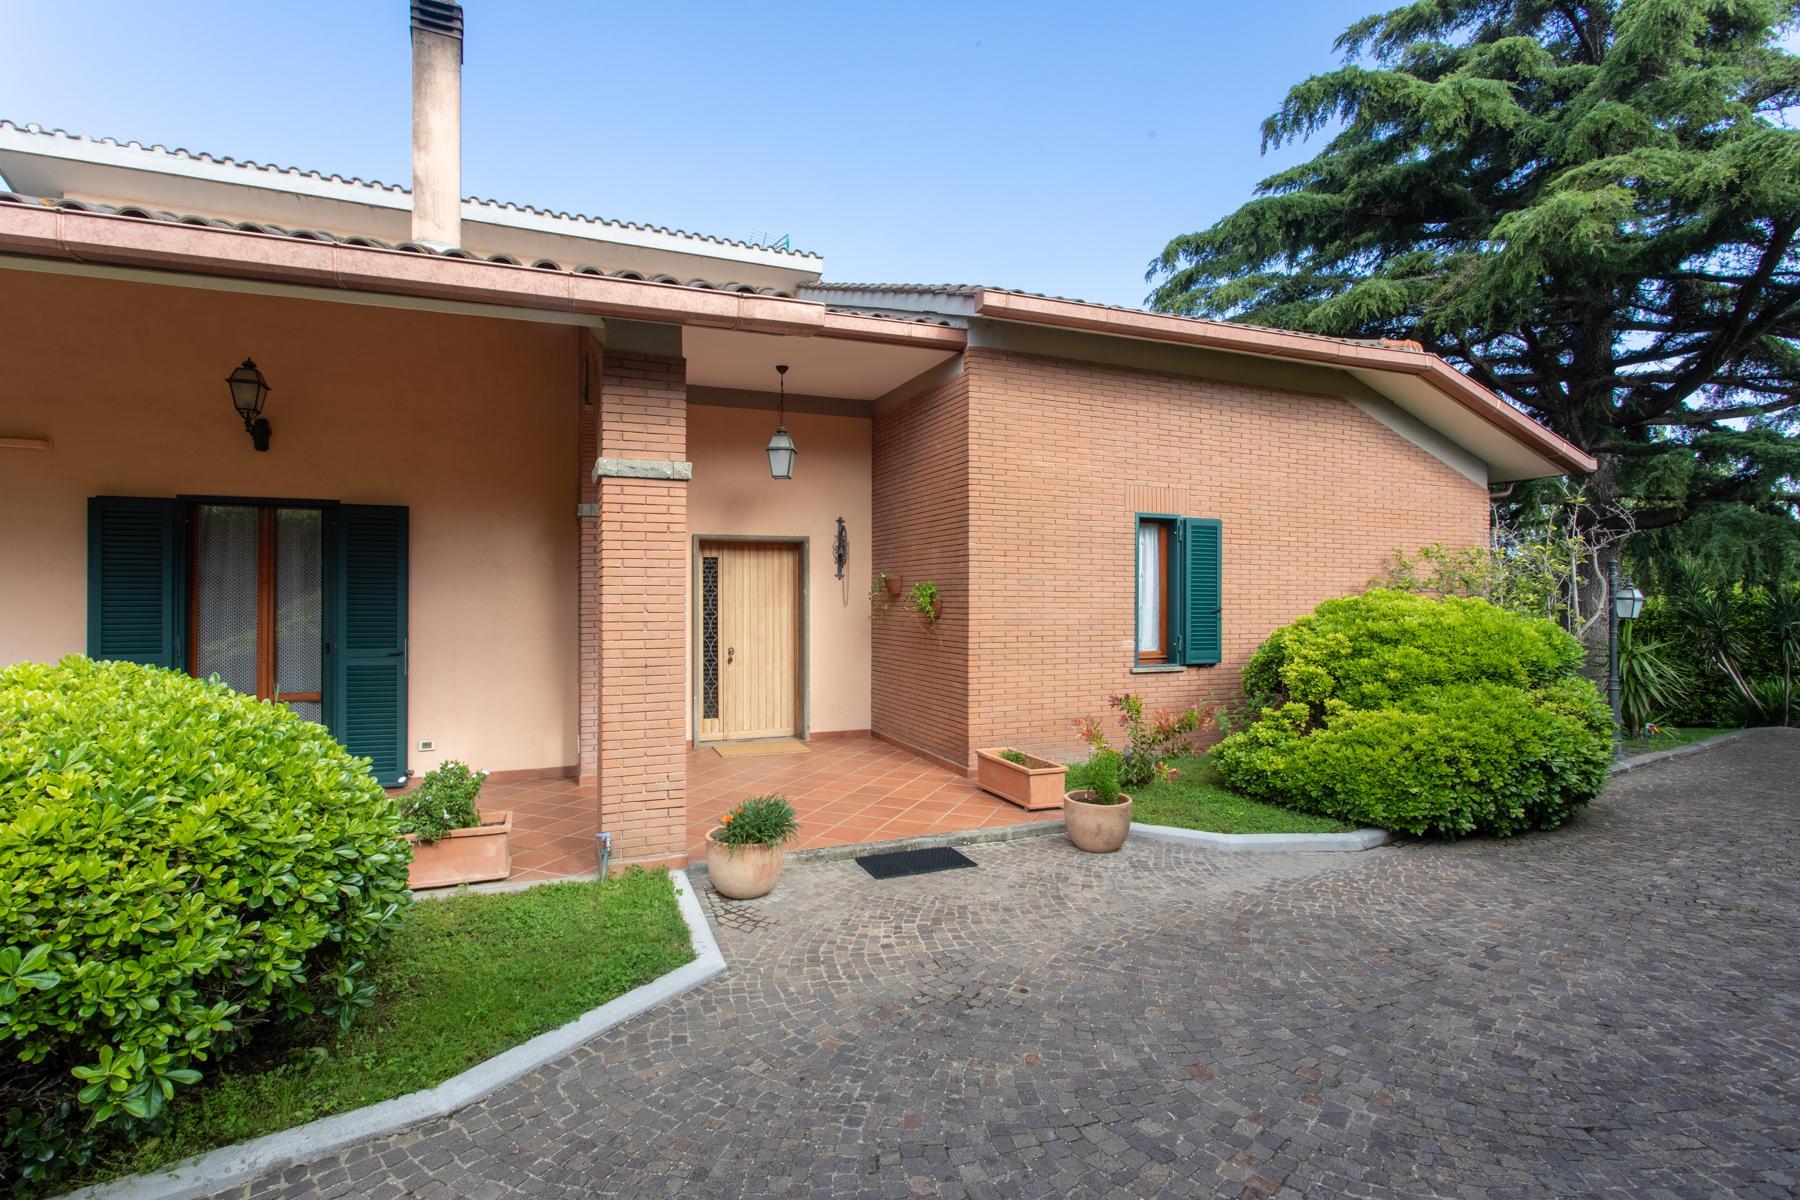 Incantevole Villa nei pressi di Castel Gandolfo - 23